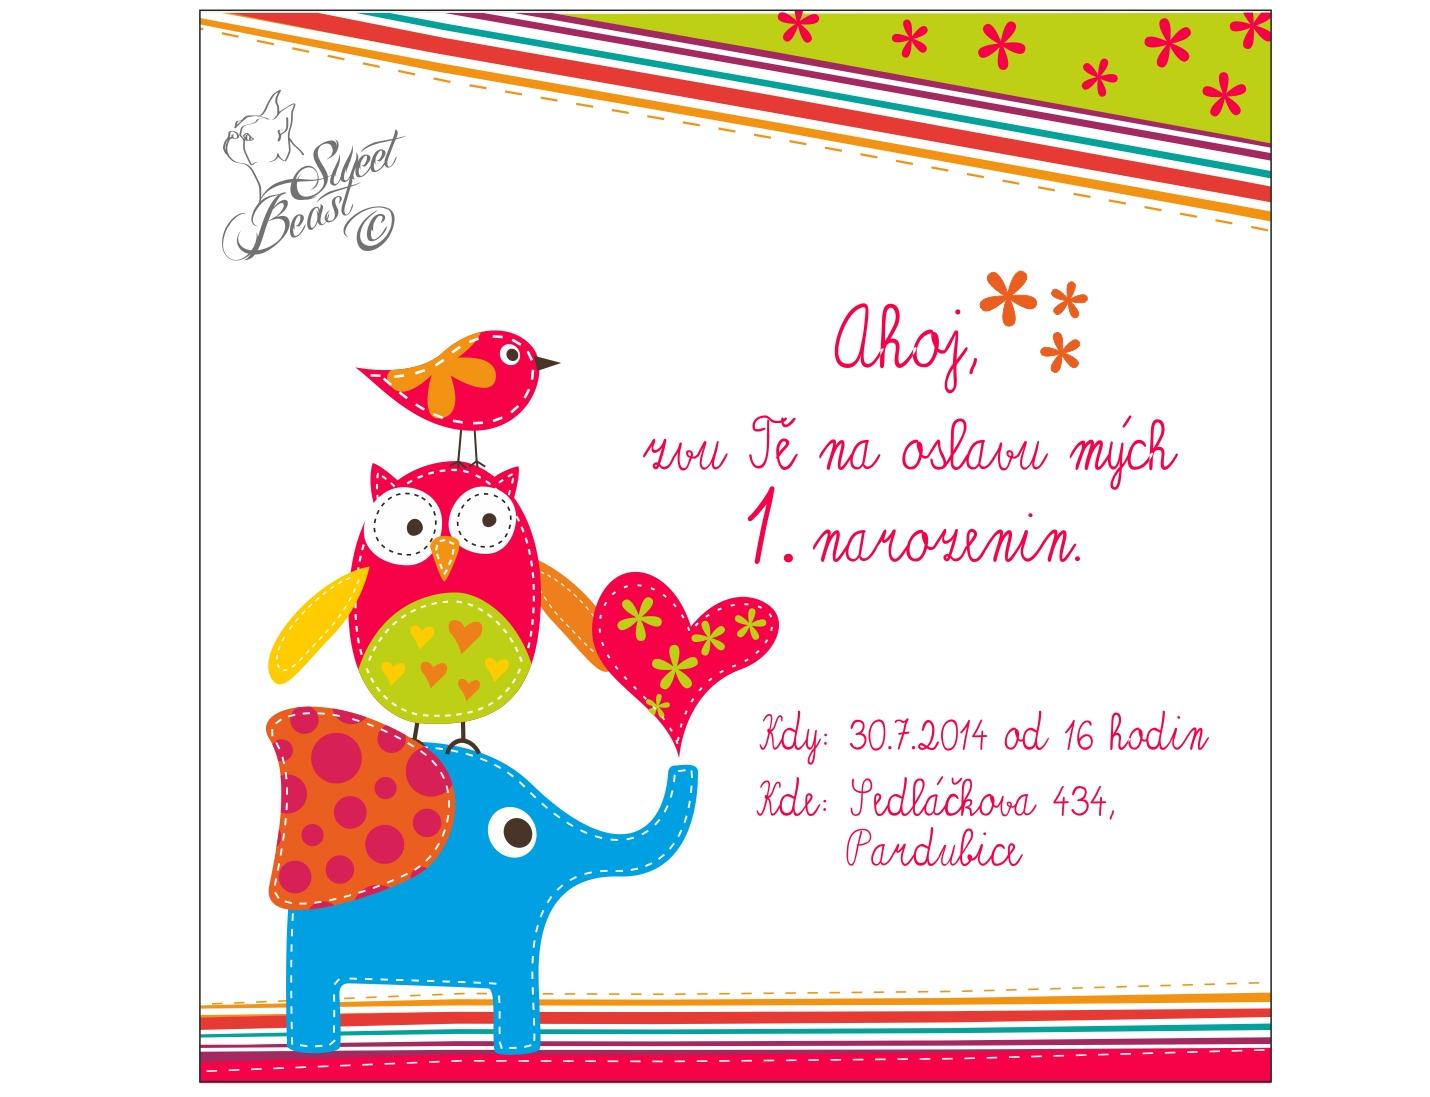 pozvánka na dětské narozeniny Pozvánka